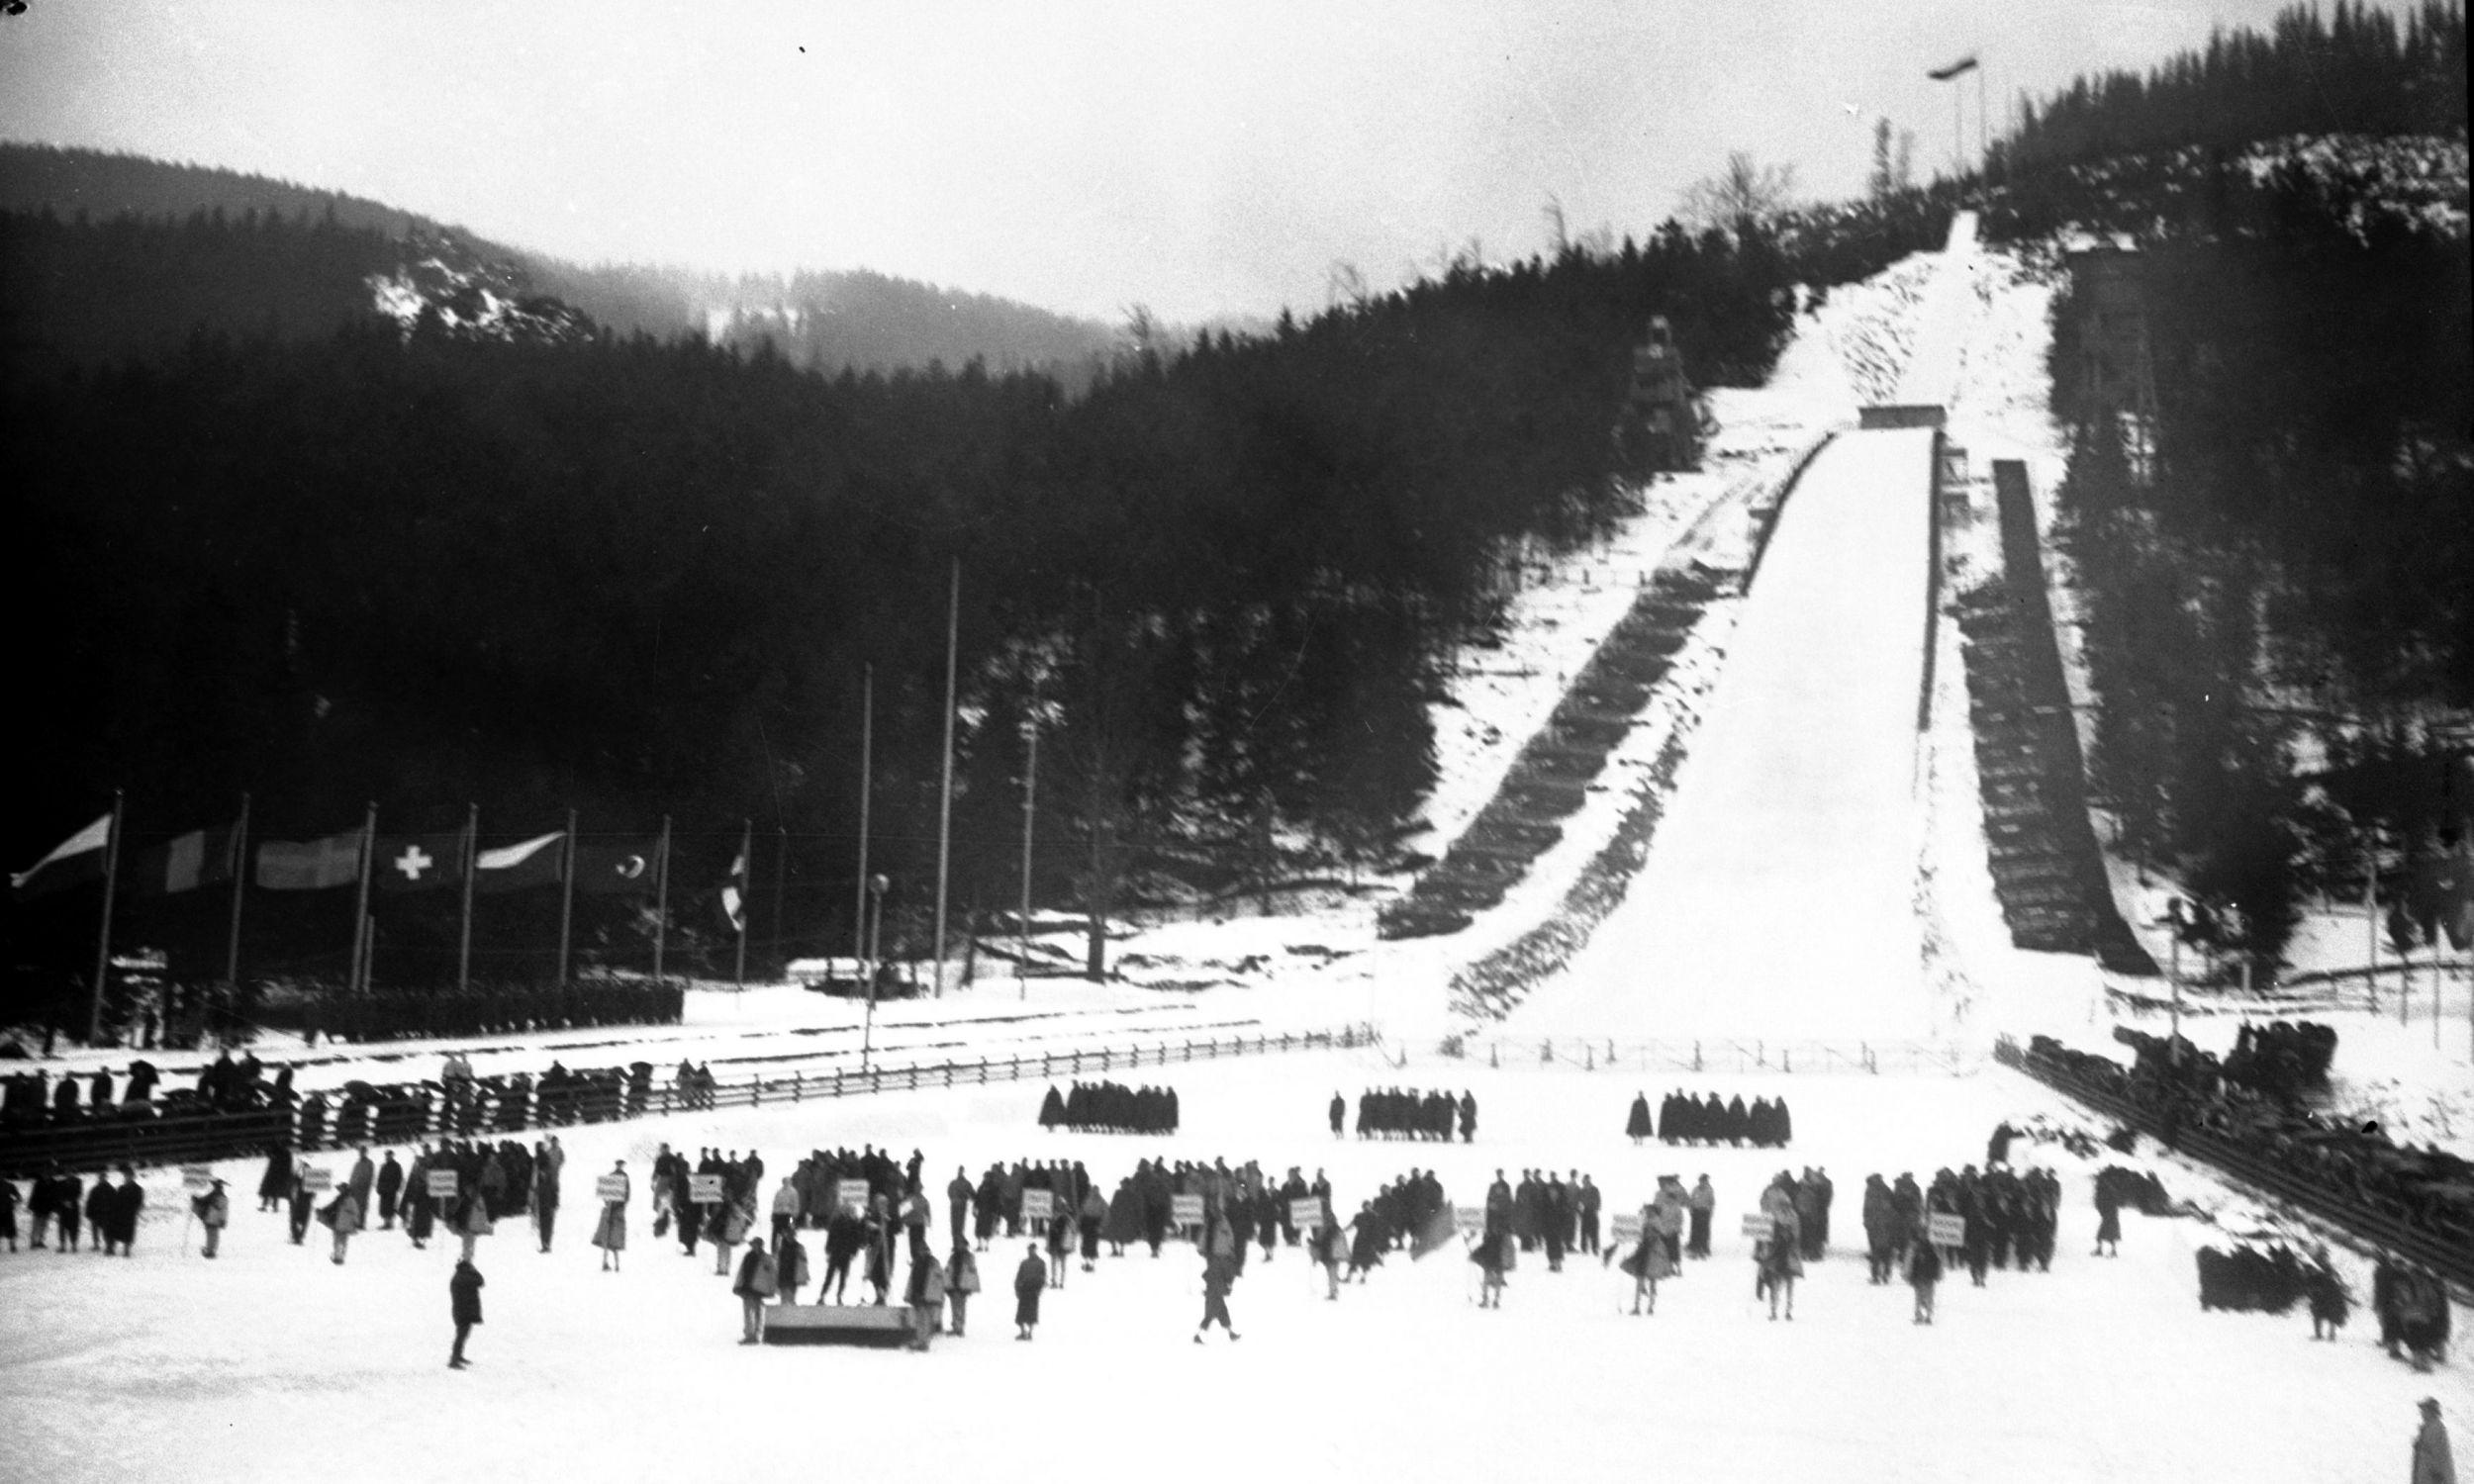 Mistrzostwa Świata w Narciarstwie Klasycznym FIS w Zakopanem, luty 1939. Otwarcie Mistrzostw - reprezentacje zagraniczne u stóp Wielkiej Krokwi.